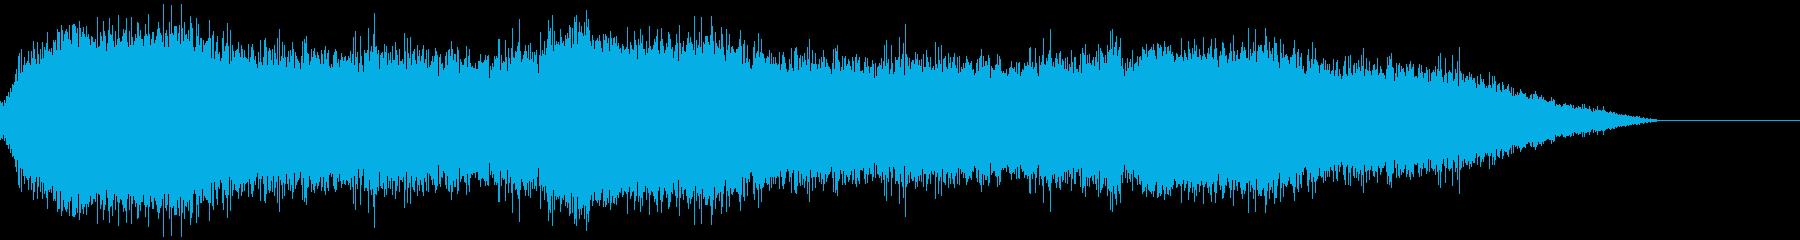 歓声、歓喜の声(大観衆)の再生済みの波形